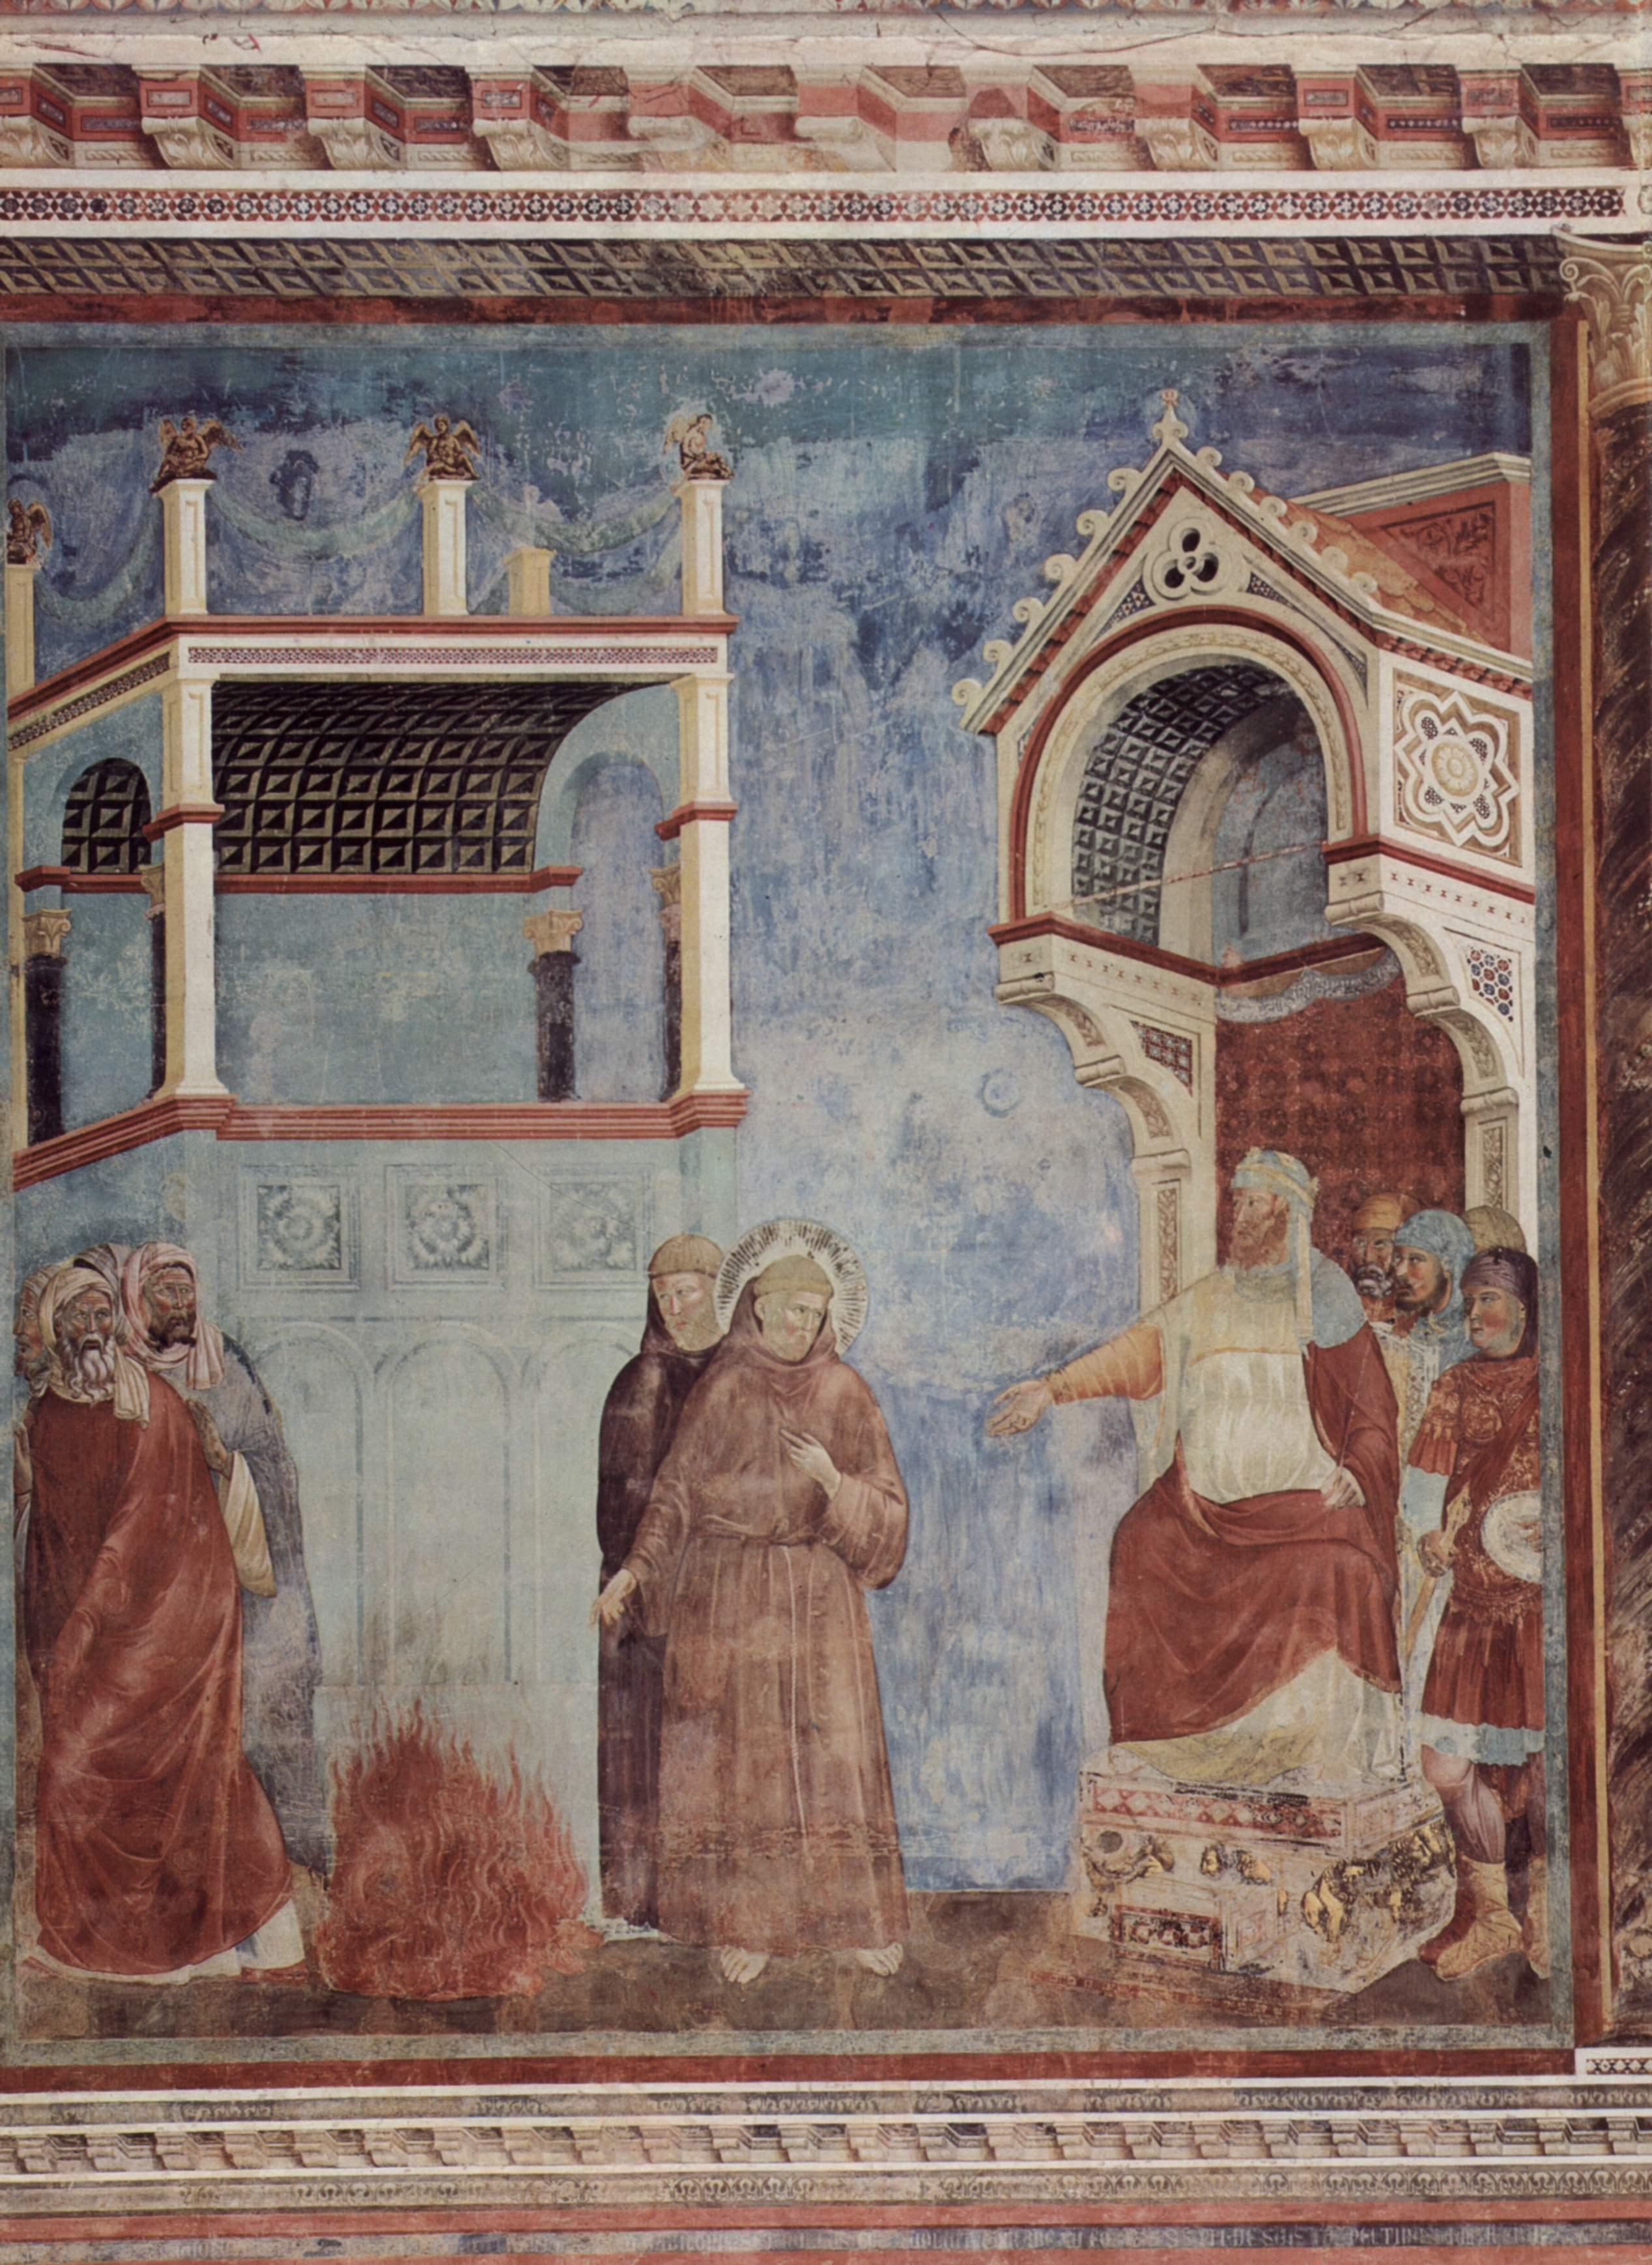 Цикл фресок о жизни св. Франциска Ассизского. Испытание огнем перед султаном, Джотто ди Бондоне